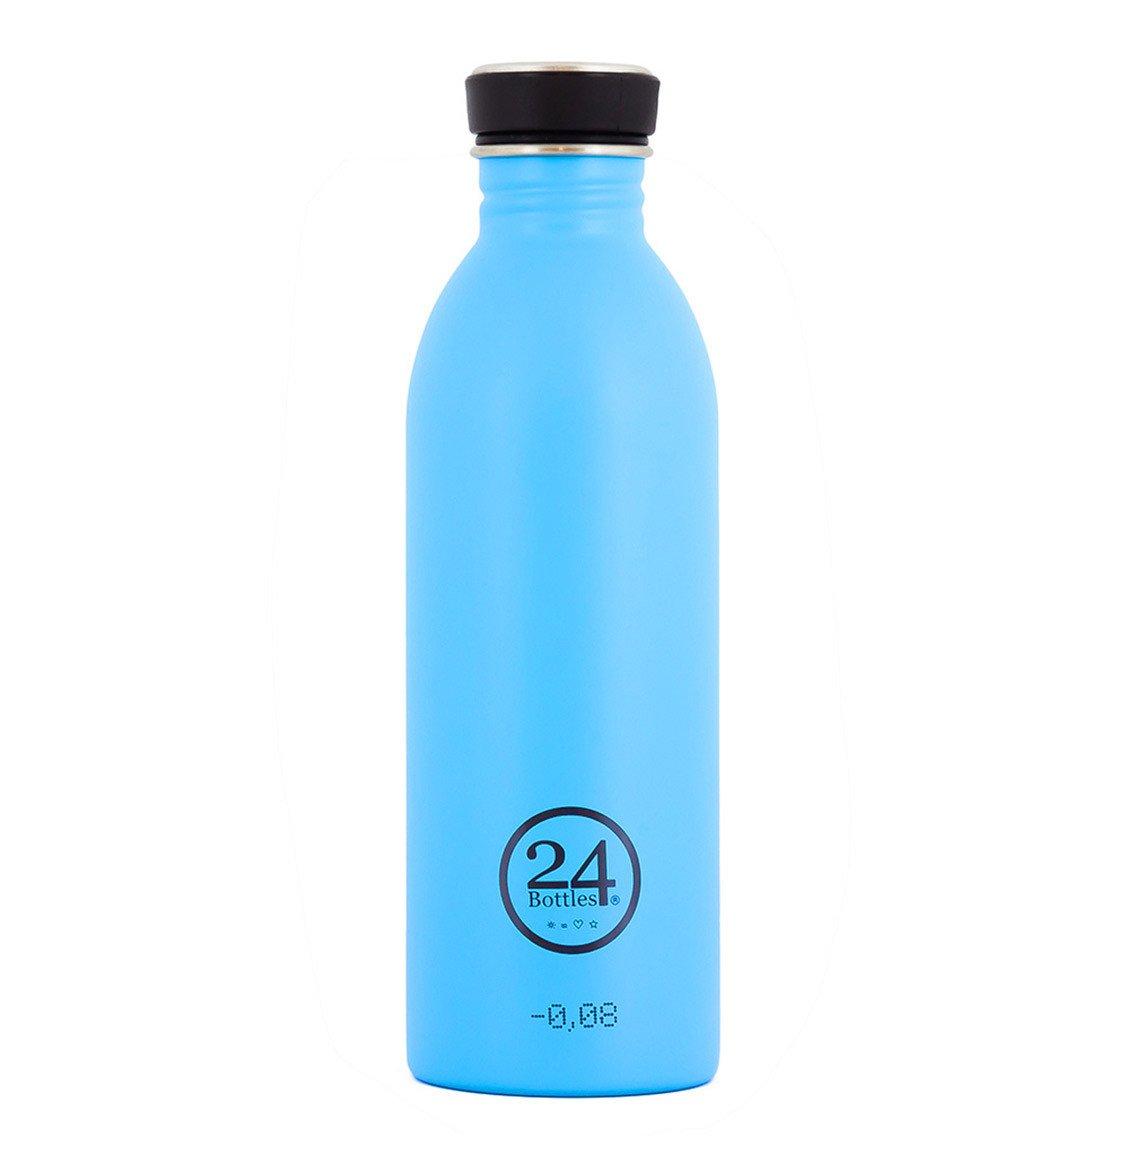 24Bottles Urban Bottle 500ml Blue